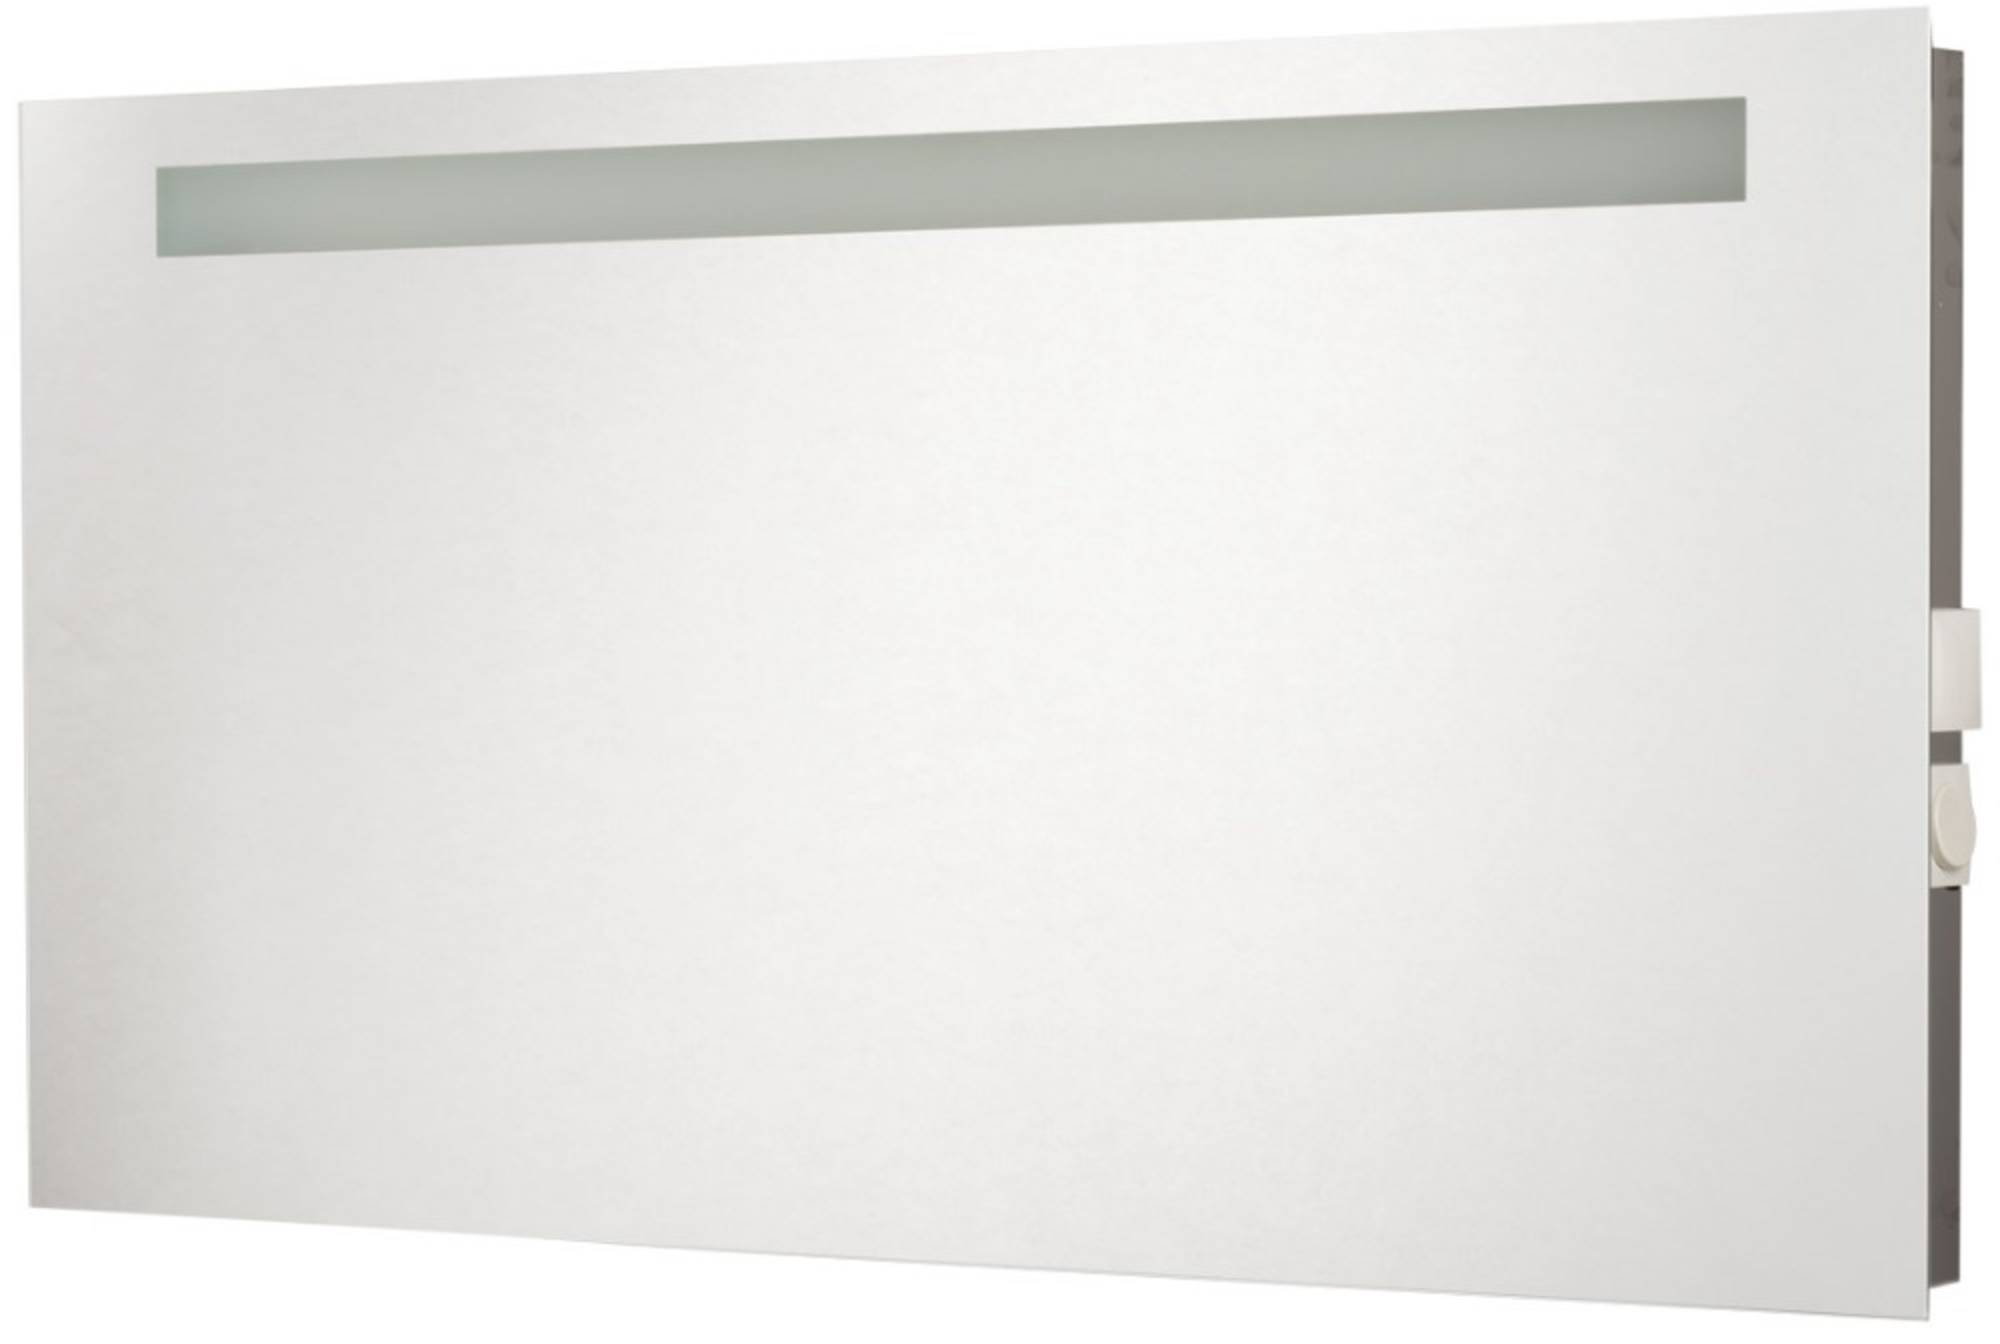 Ben Vario Stia spiegel met LED verlichting en stopcontact/schakelaar 160x65cm